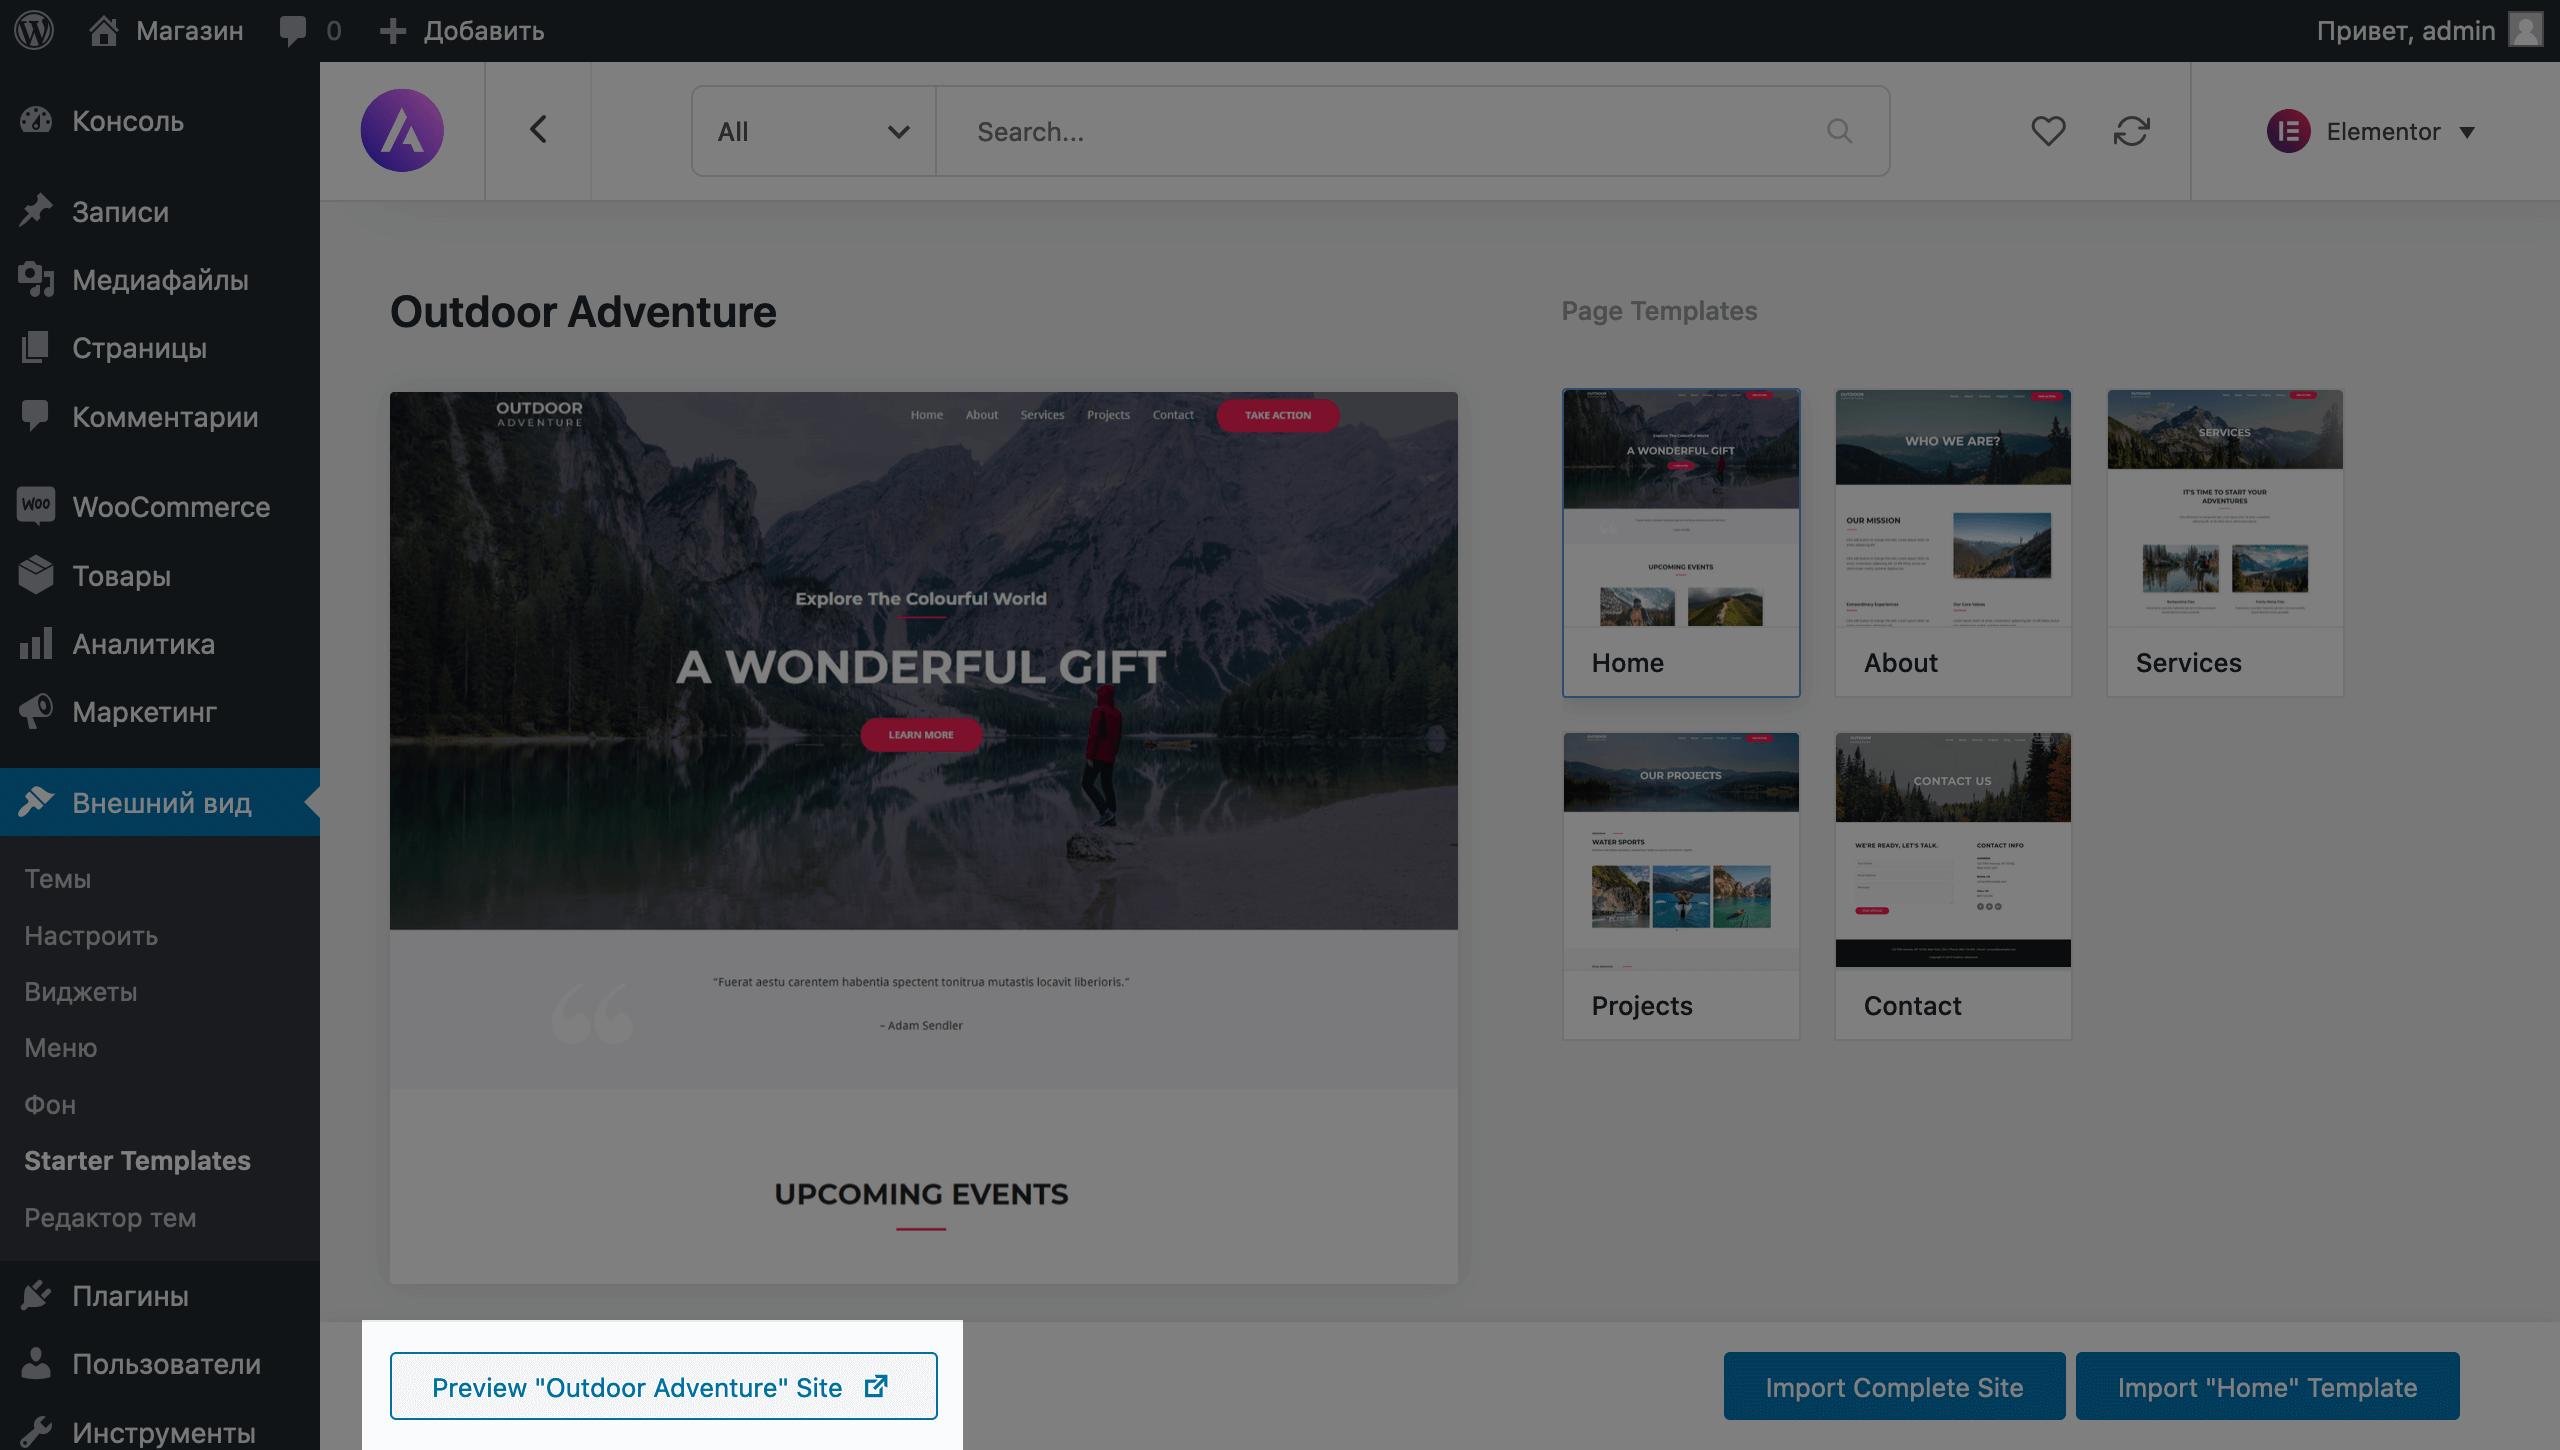 Создать интернет-магазин на Вордпресс: превью случайного шаблона